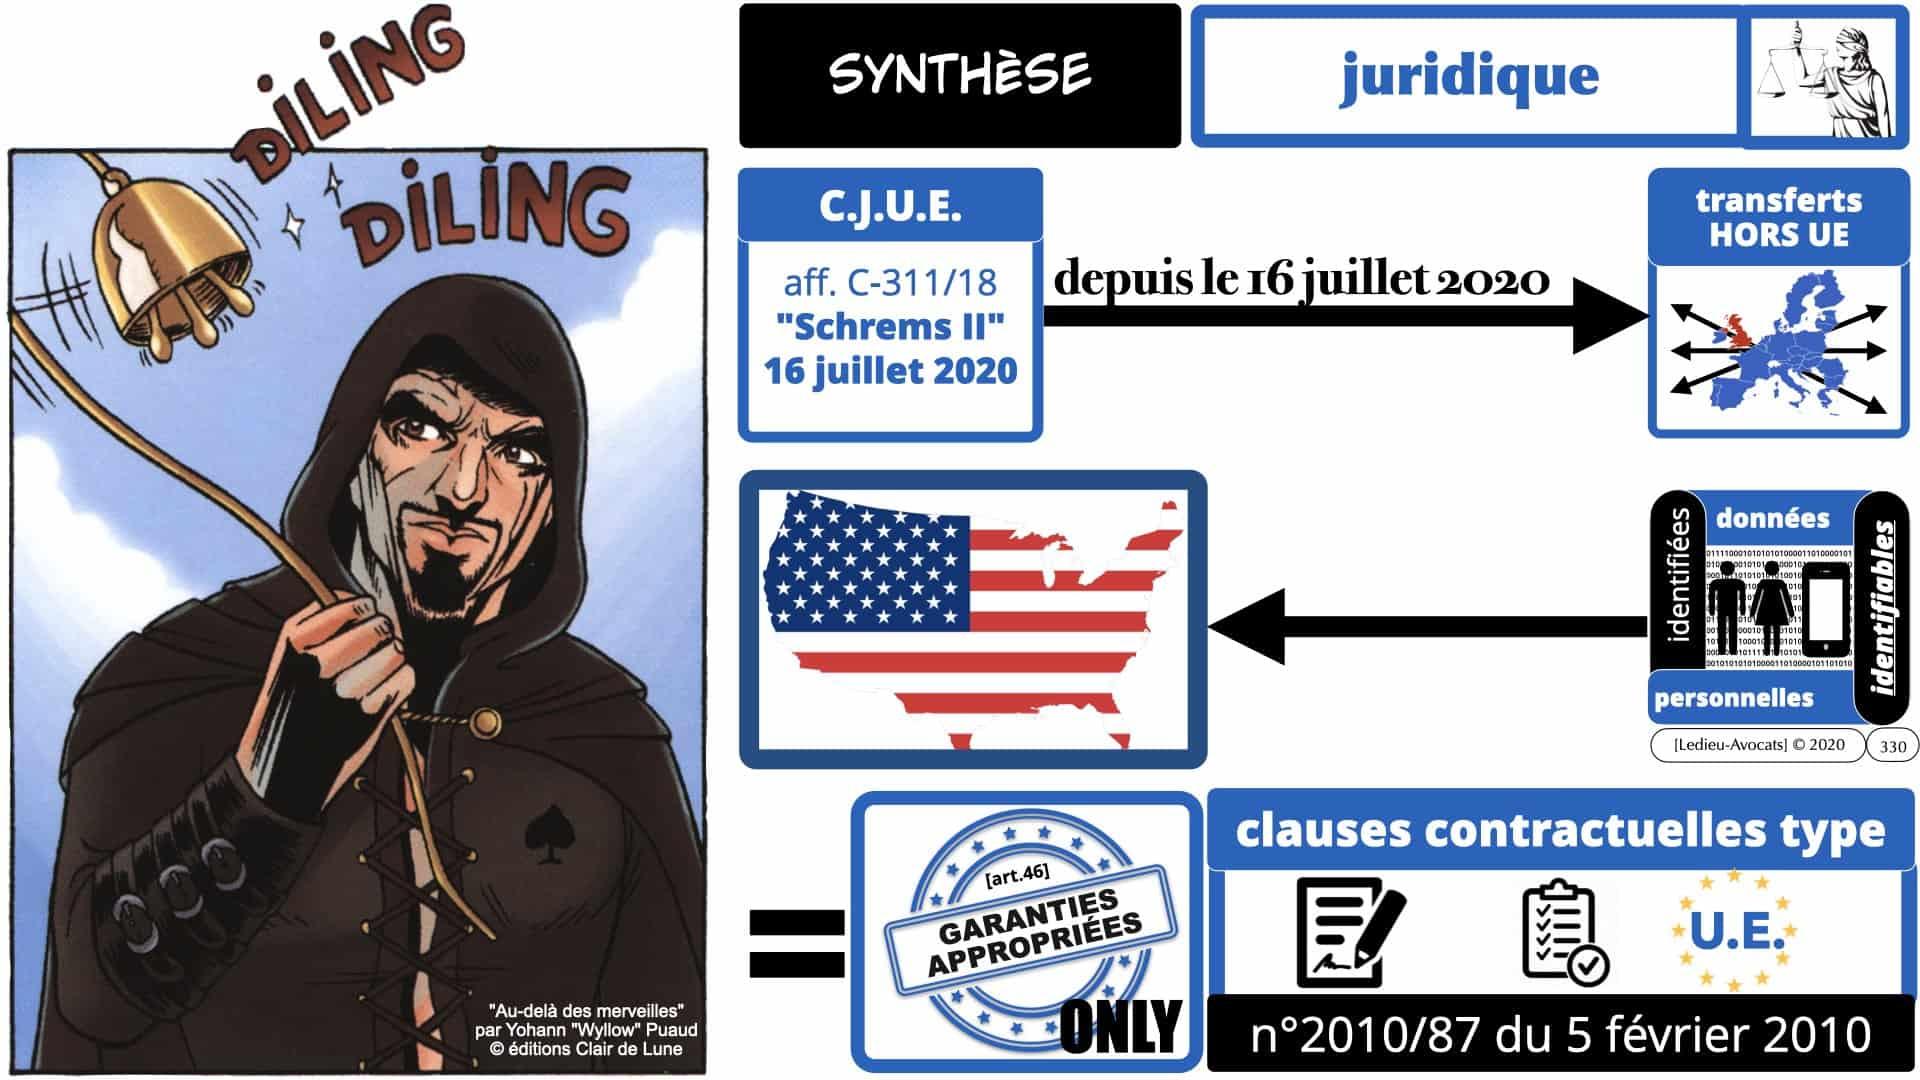 RGPD e-Privacy données personnelles jurisprudence formation Lamy Les Echos 10-02-2021 ©Ledieu-Avocats.330